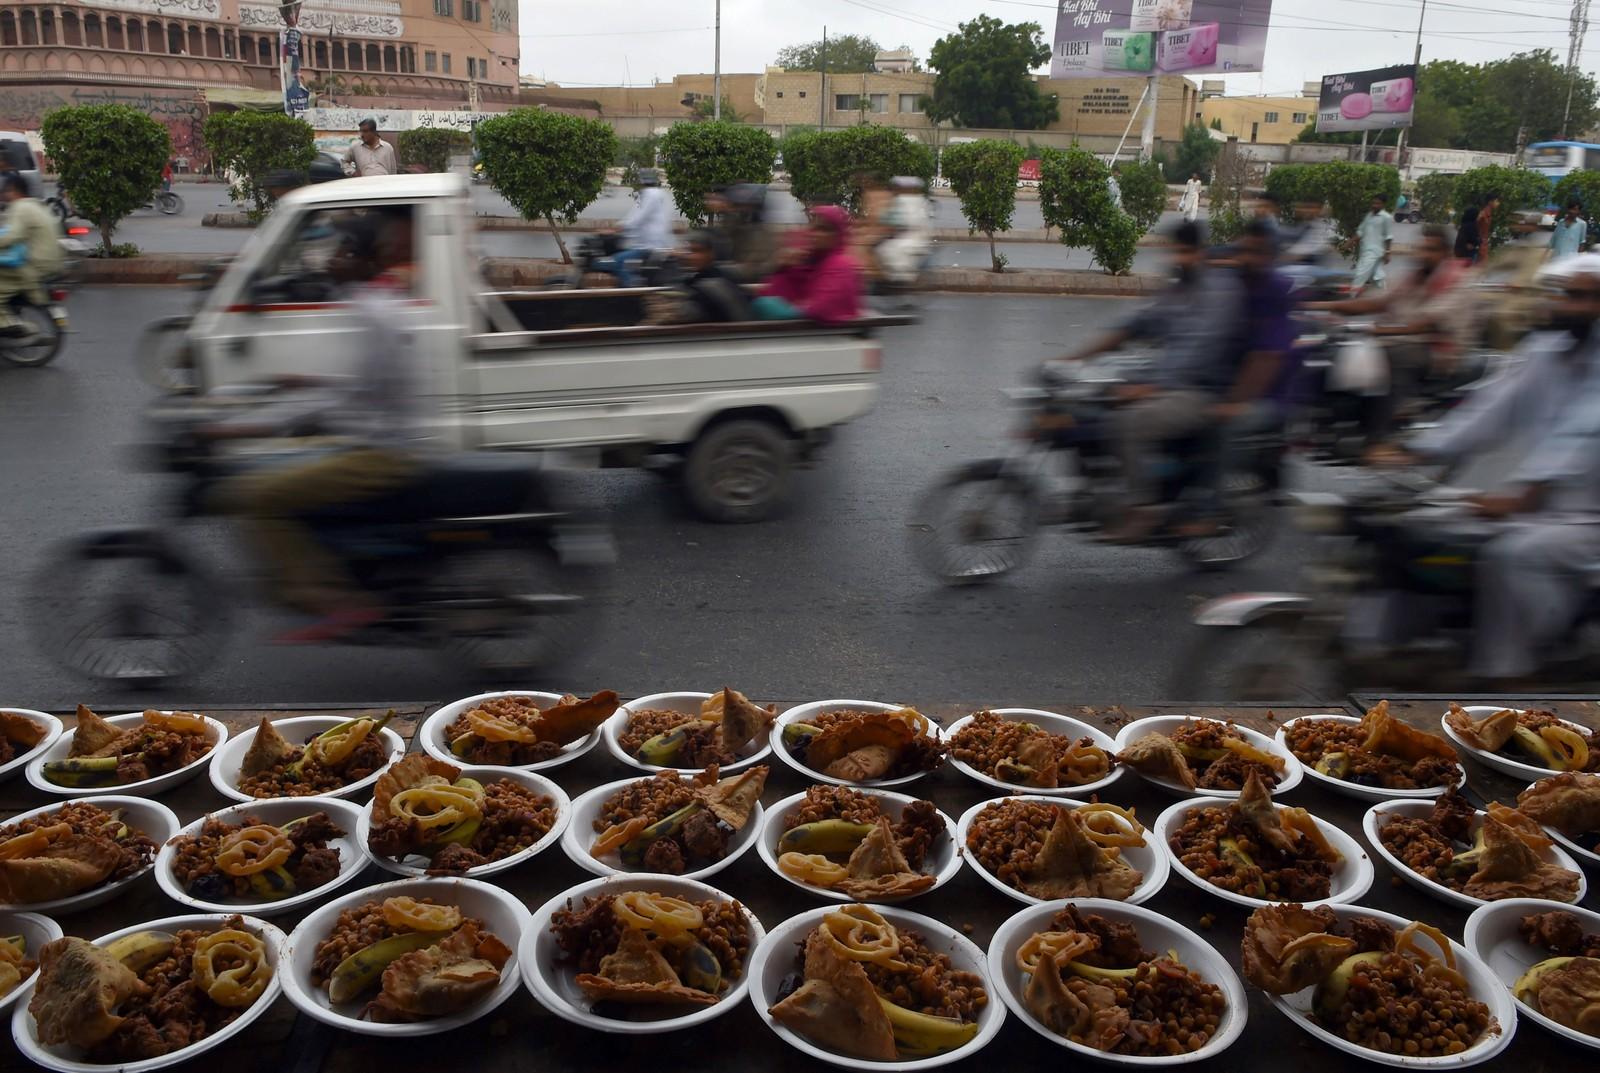 Skåler med mat står klare til solnedgang i Karachi i Pakistan, når muslimer som faster kan få litt mat i kroppen. Under fastemåneden ramadan avstår muslimene mat mellom soloppgang og solnedgang.